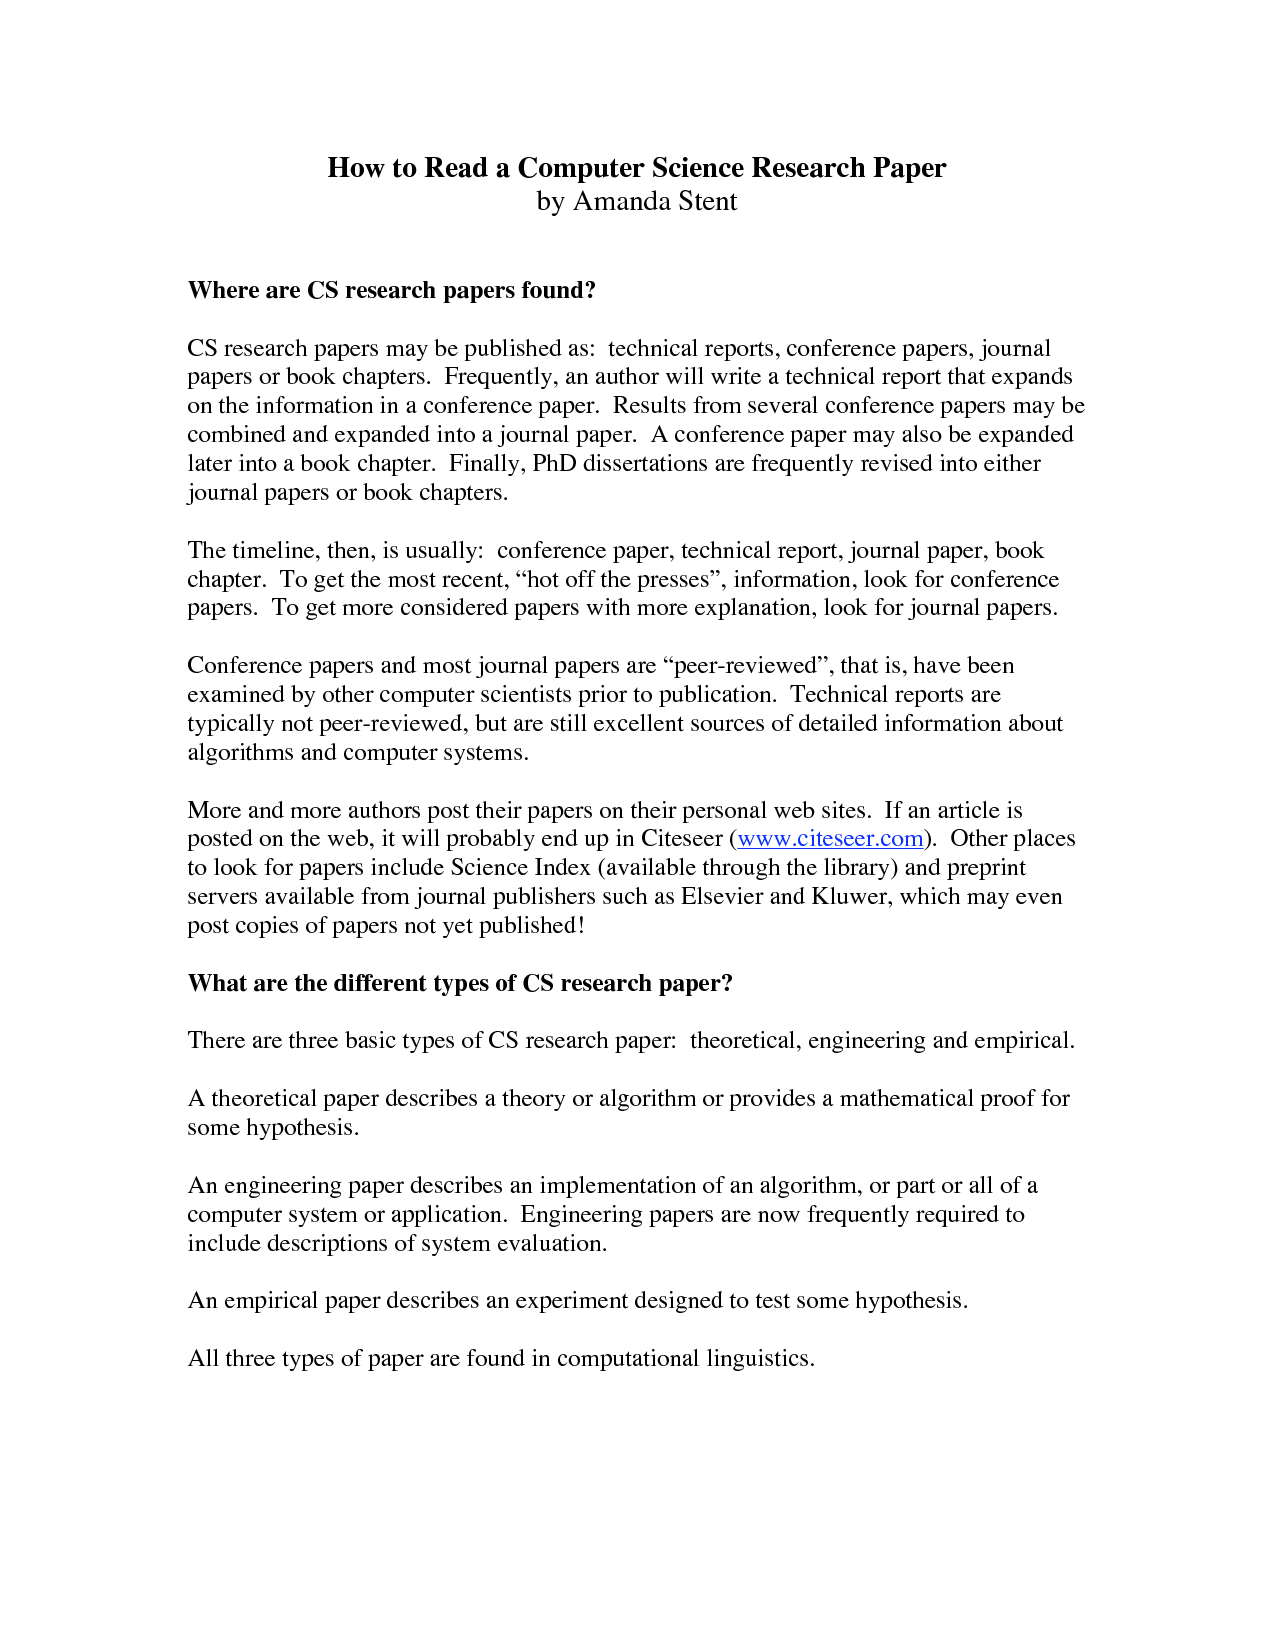 History essay editing for hire top descriptive essay editing website us